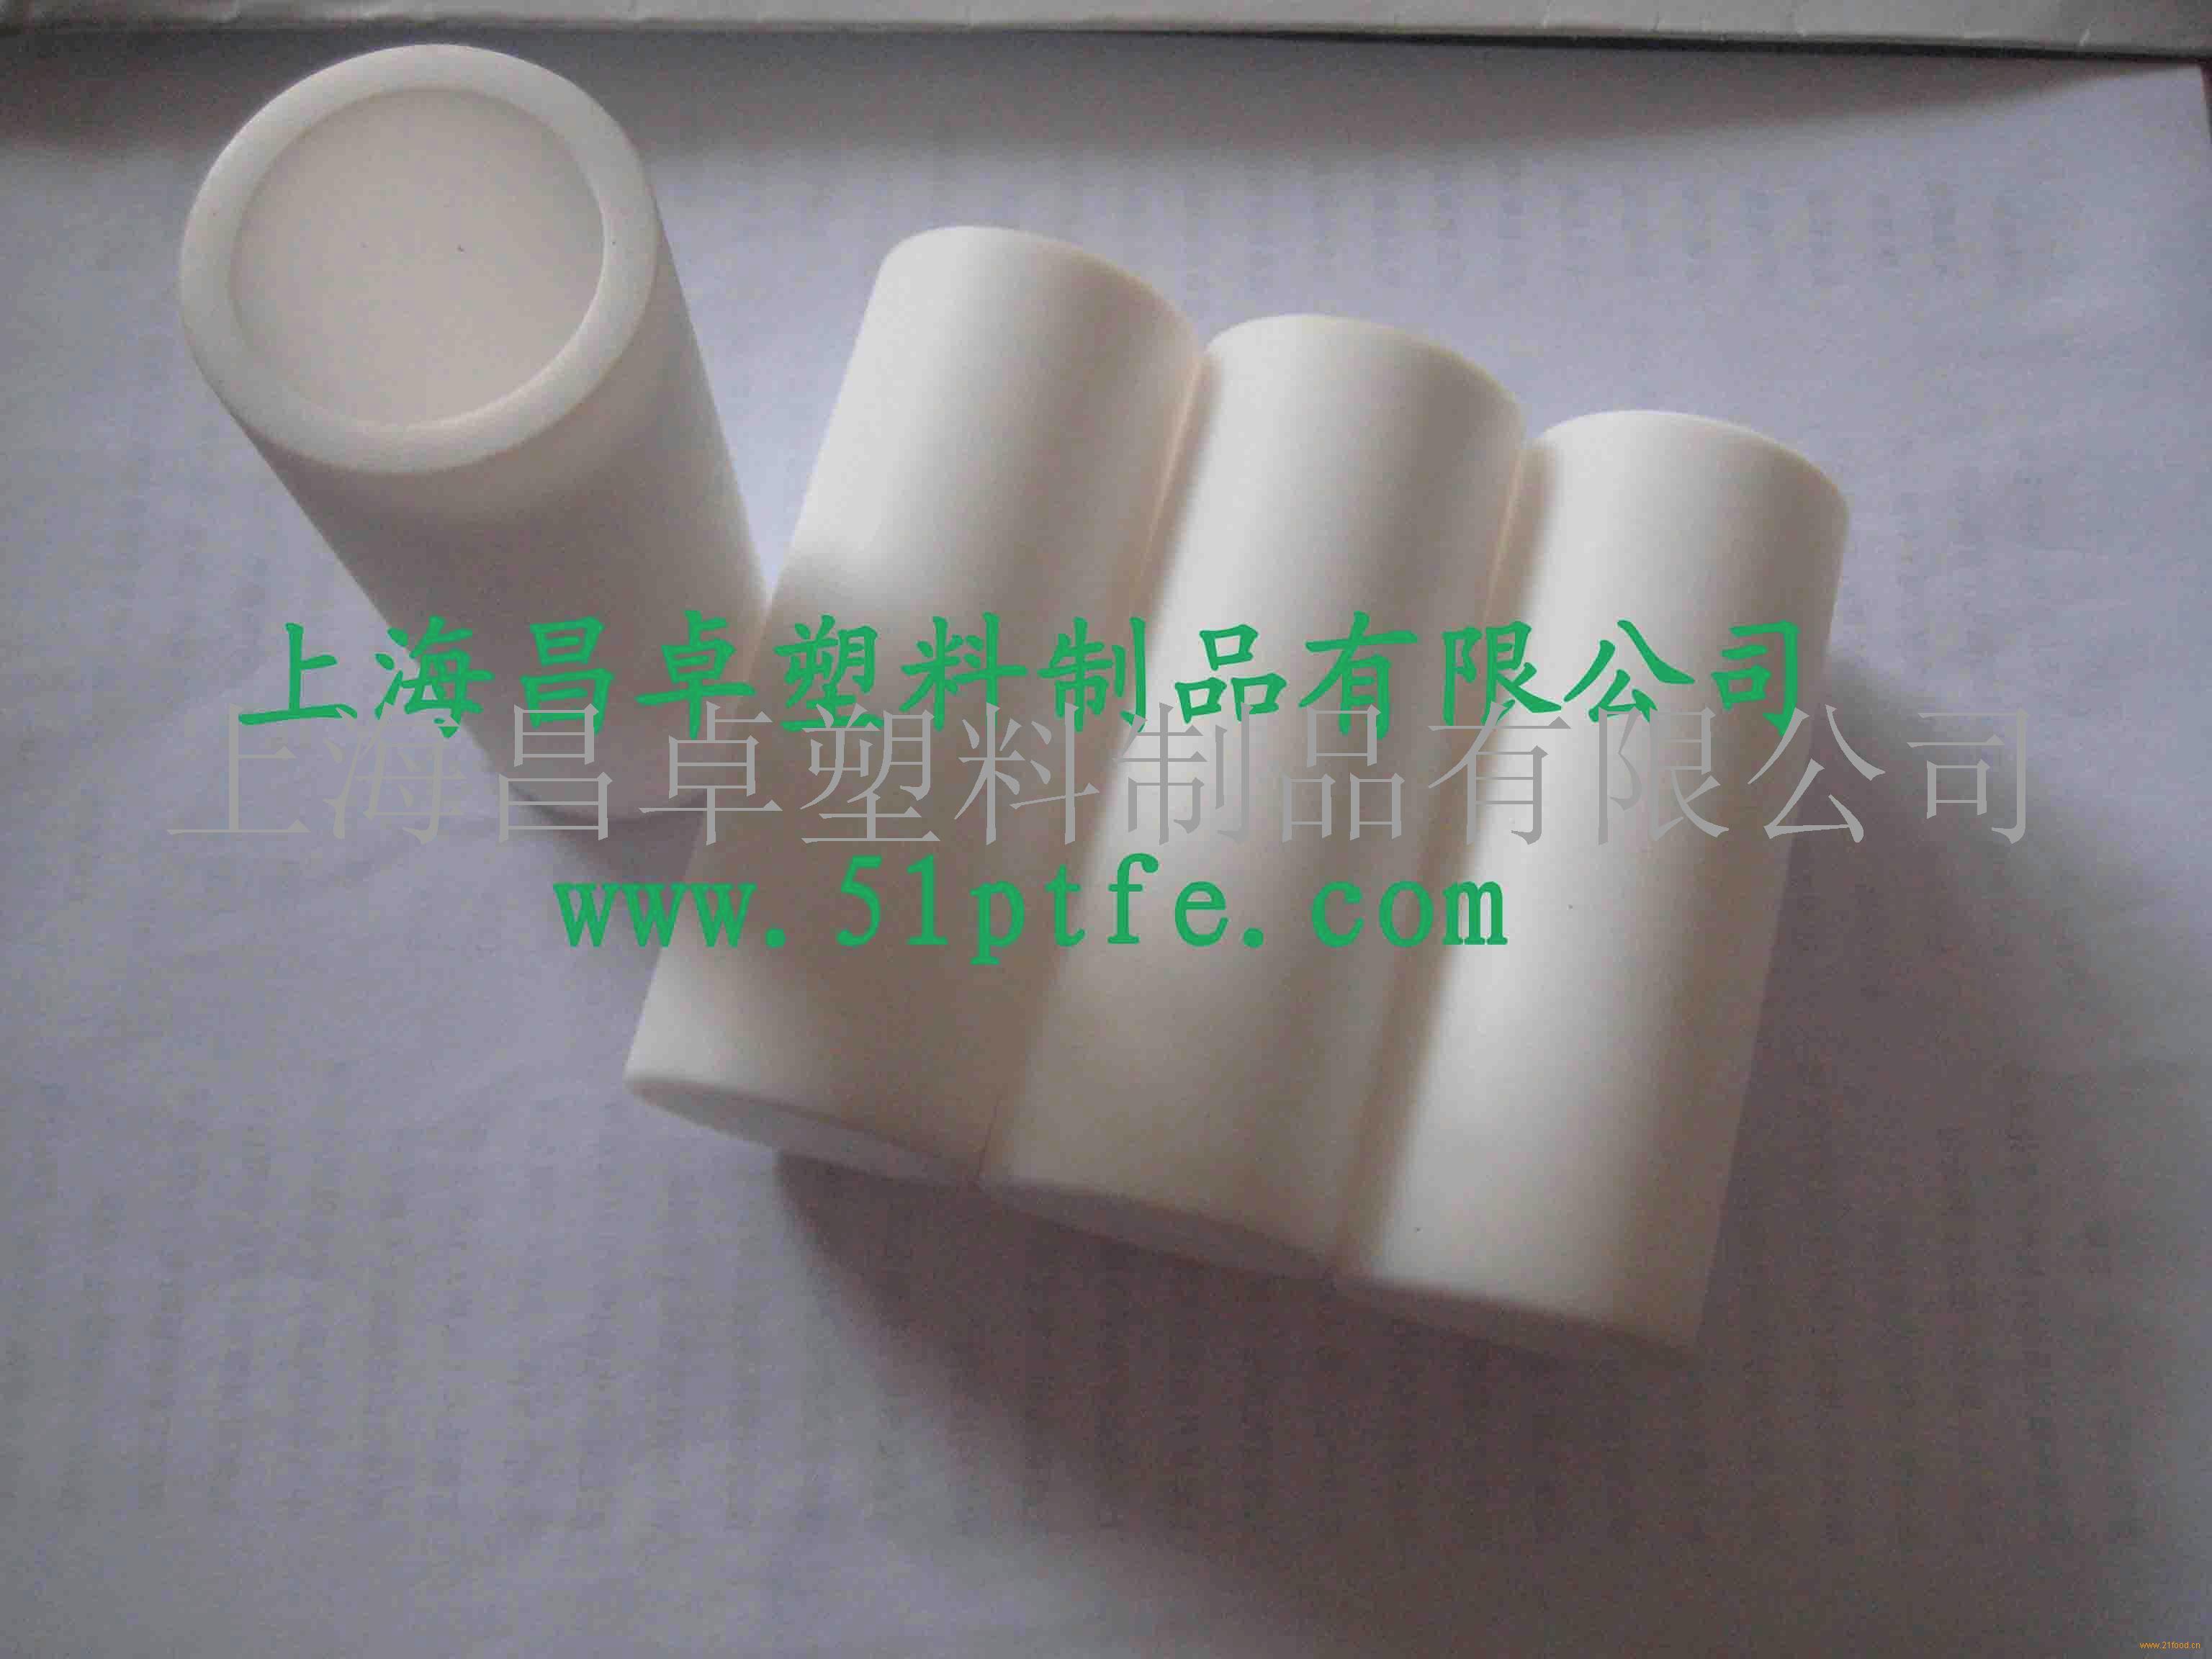 食品檢測用聚四氟乙烯消解管